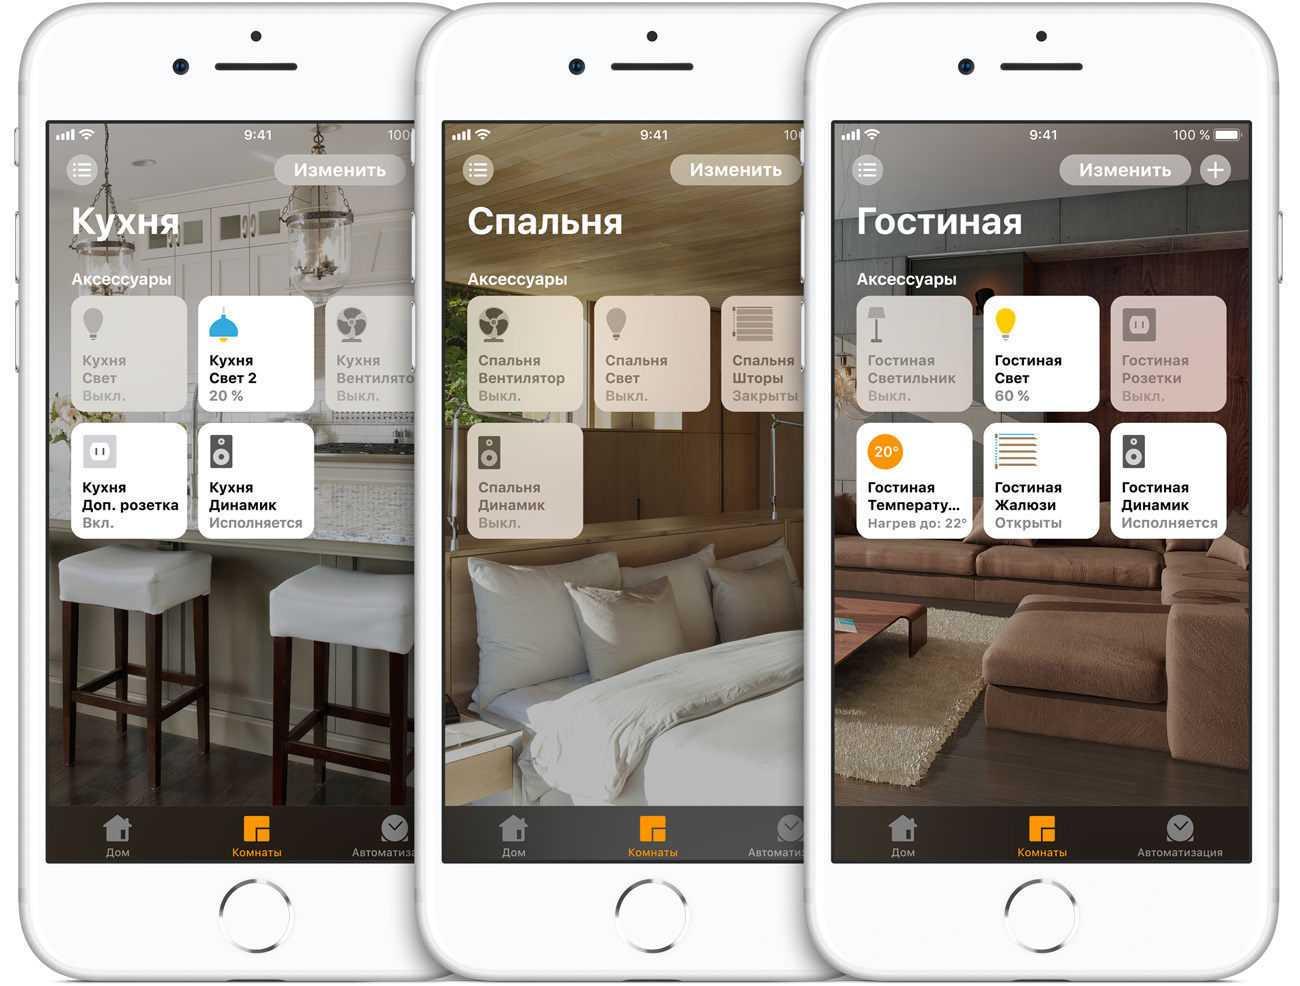 Как добавить камеру xiaomi в умный дом apple homekit